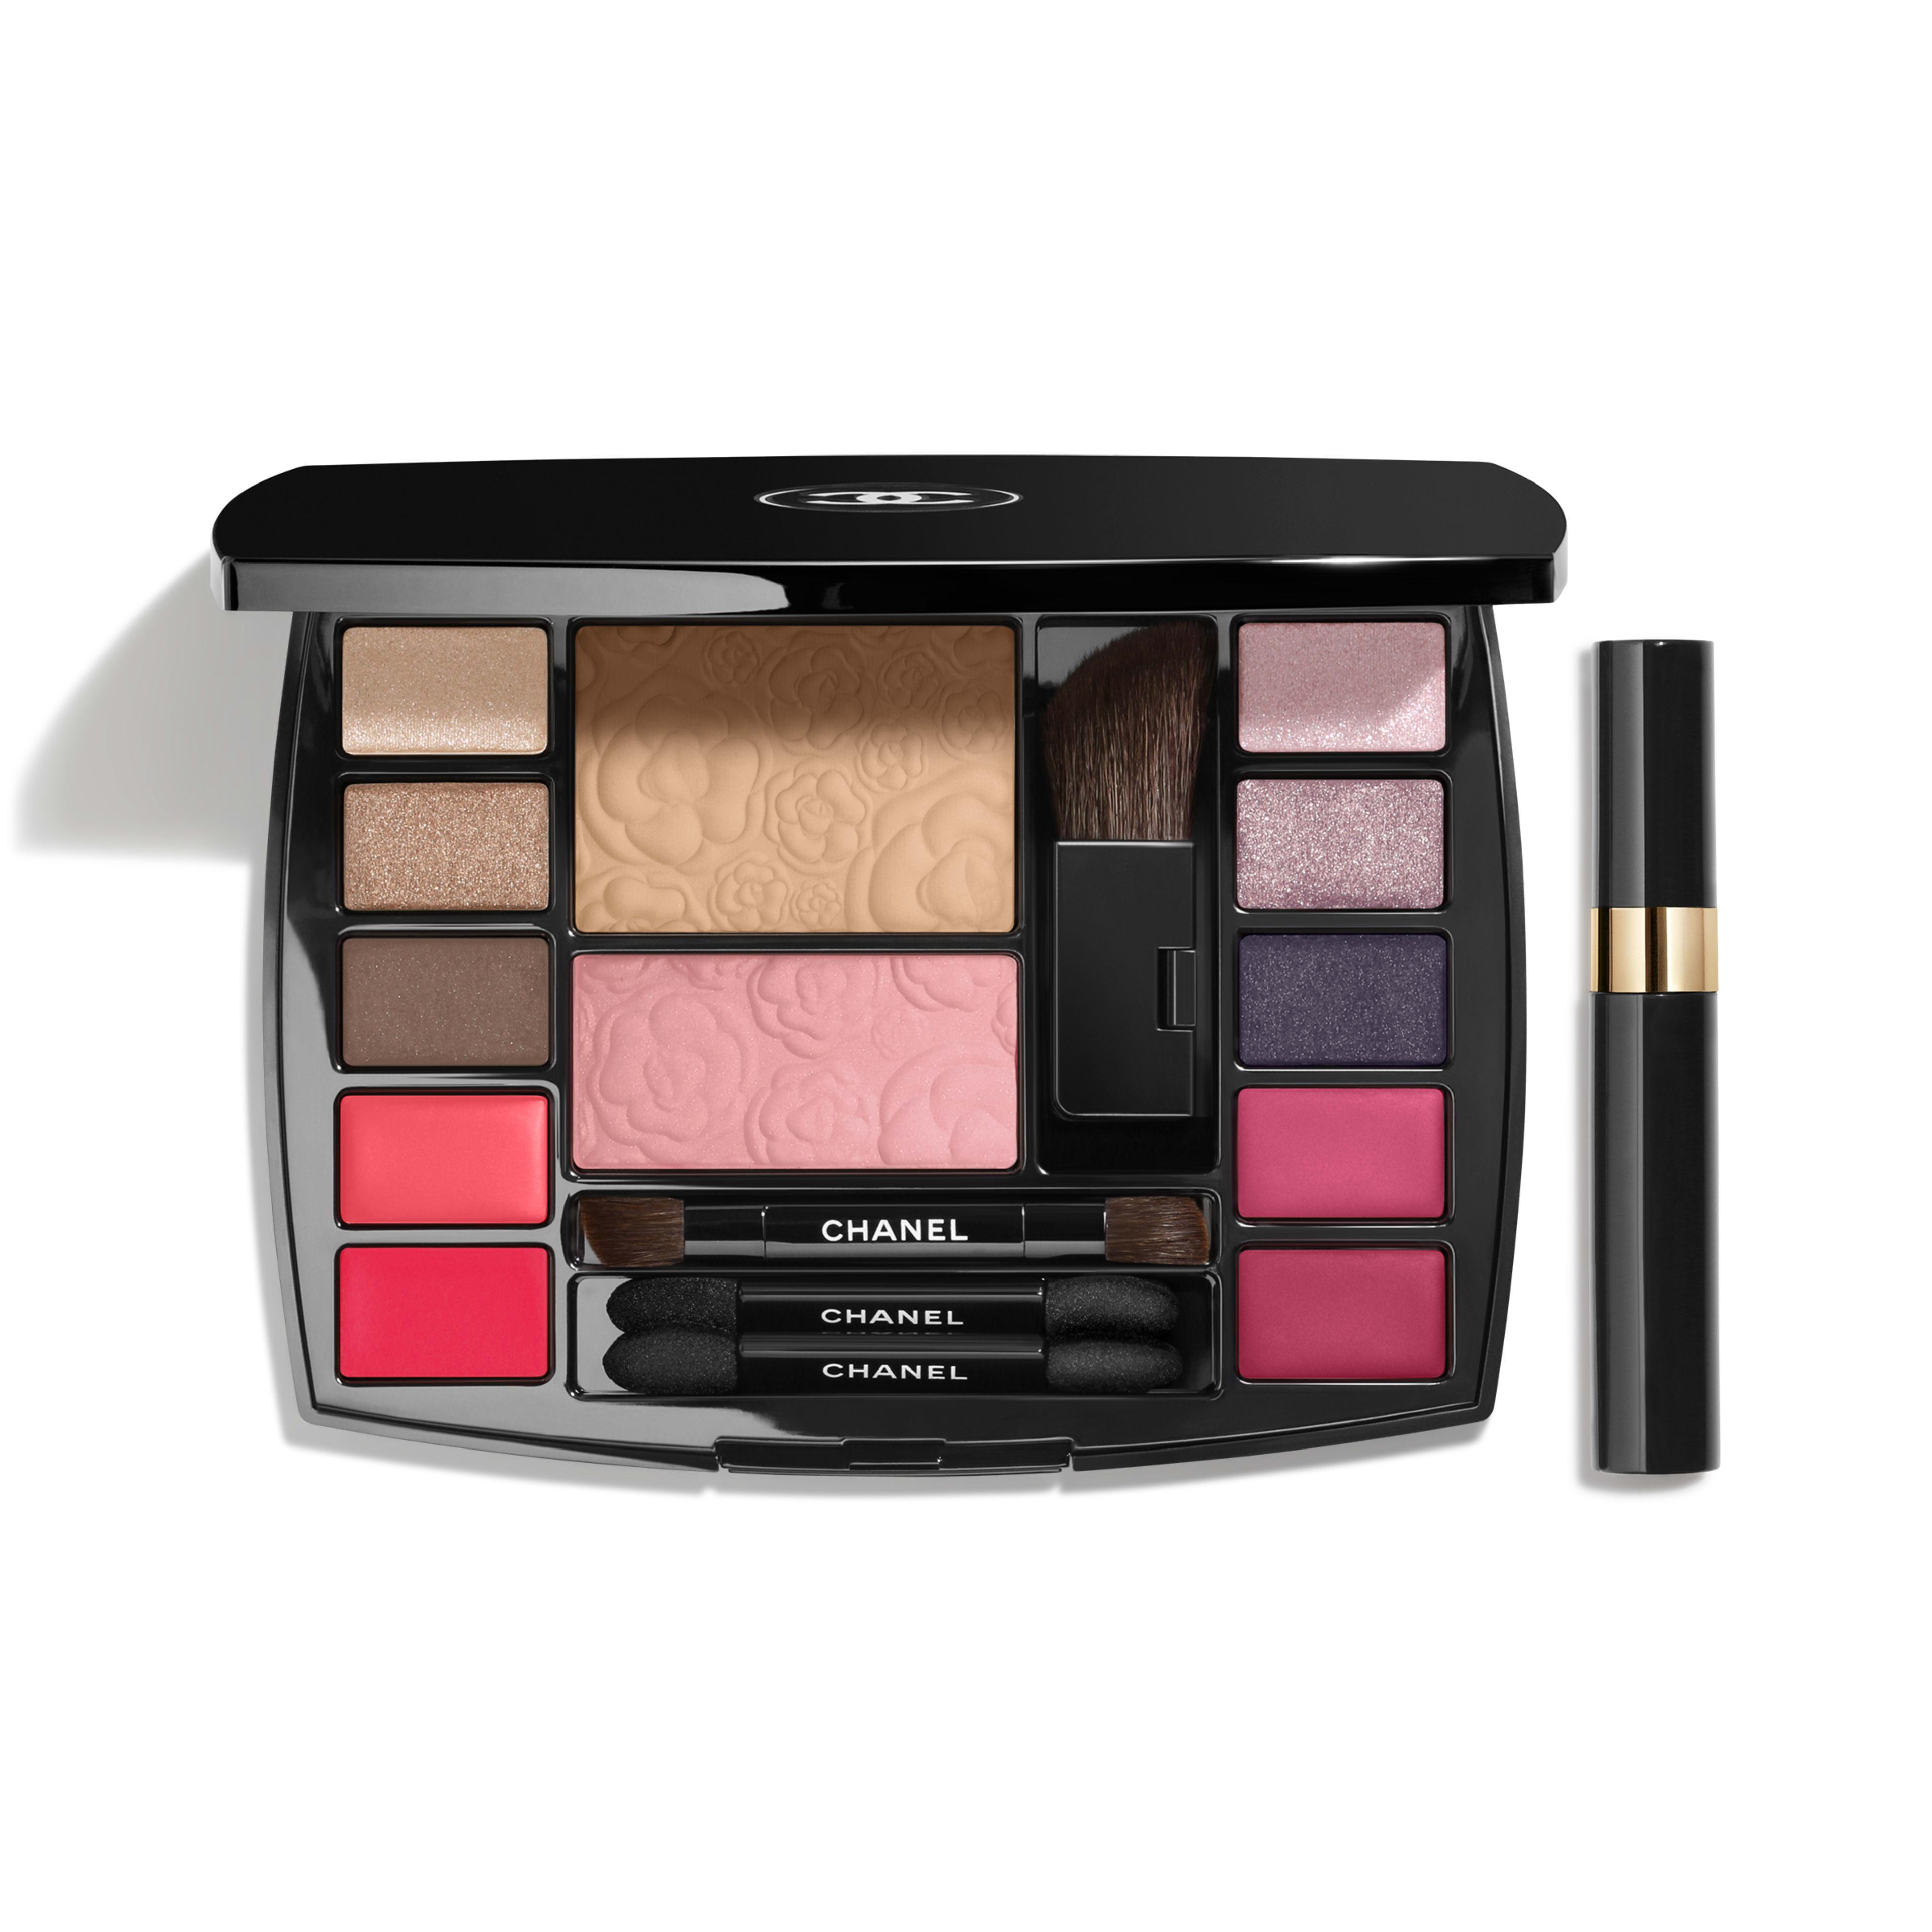 TRAVEL MAKEUP PALETTE Makeup Essentials with Travel Mascara in Harmonie de Camélias